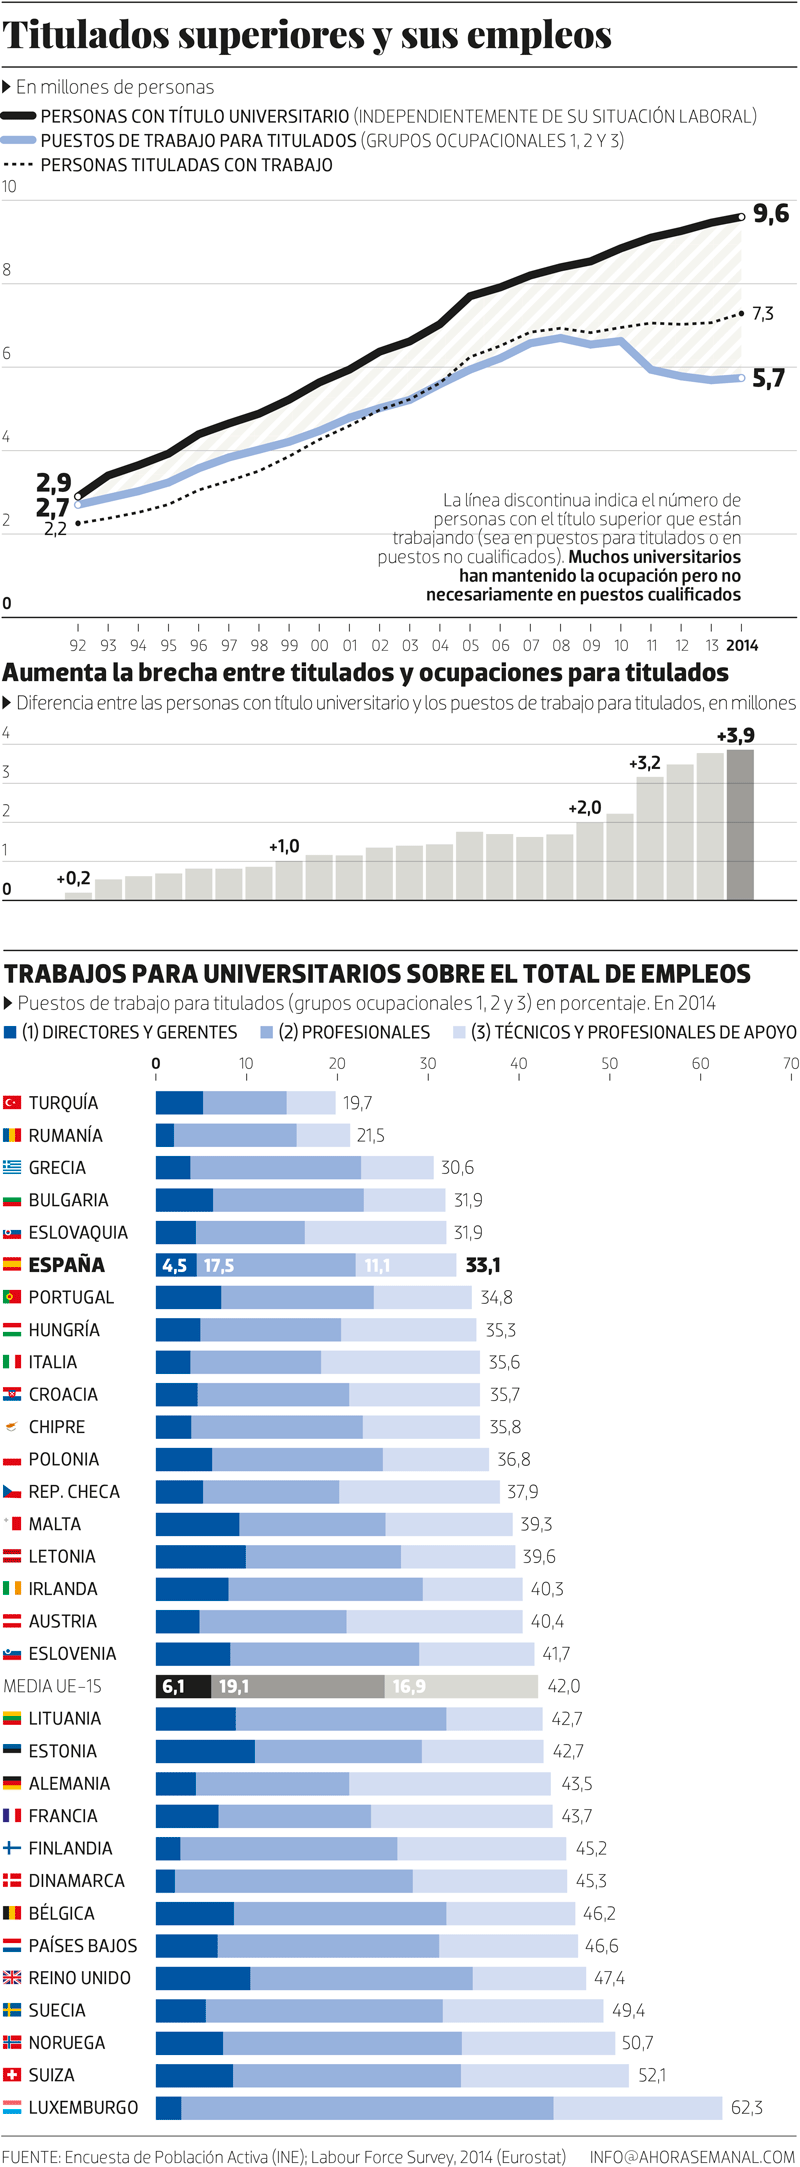 Titulados superiores y sus empleos (Fuente: https://www.ahorasemanal.es/la-universidad-fabrica-de-sobrecualificados#&gid=1&pid=1)